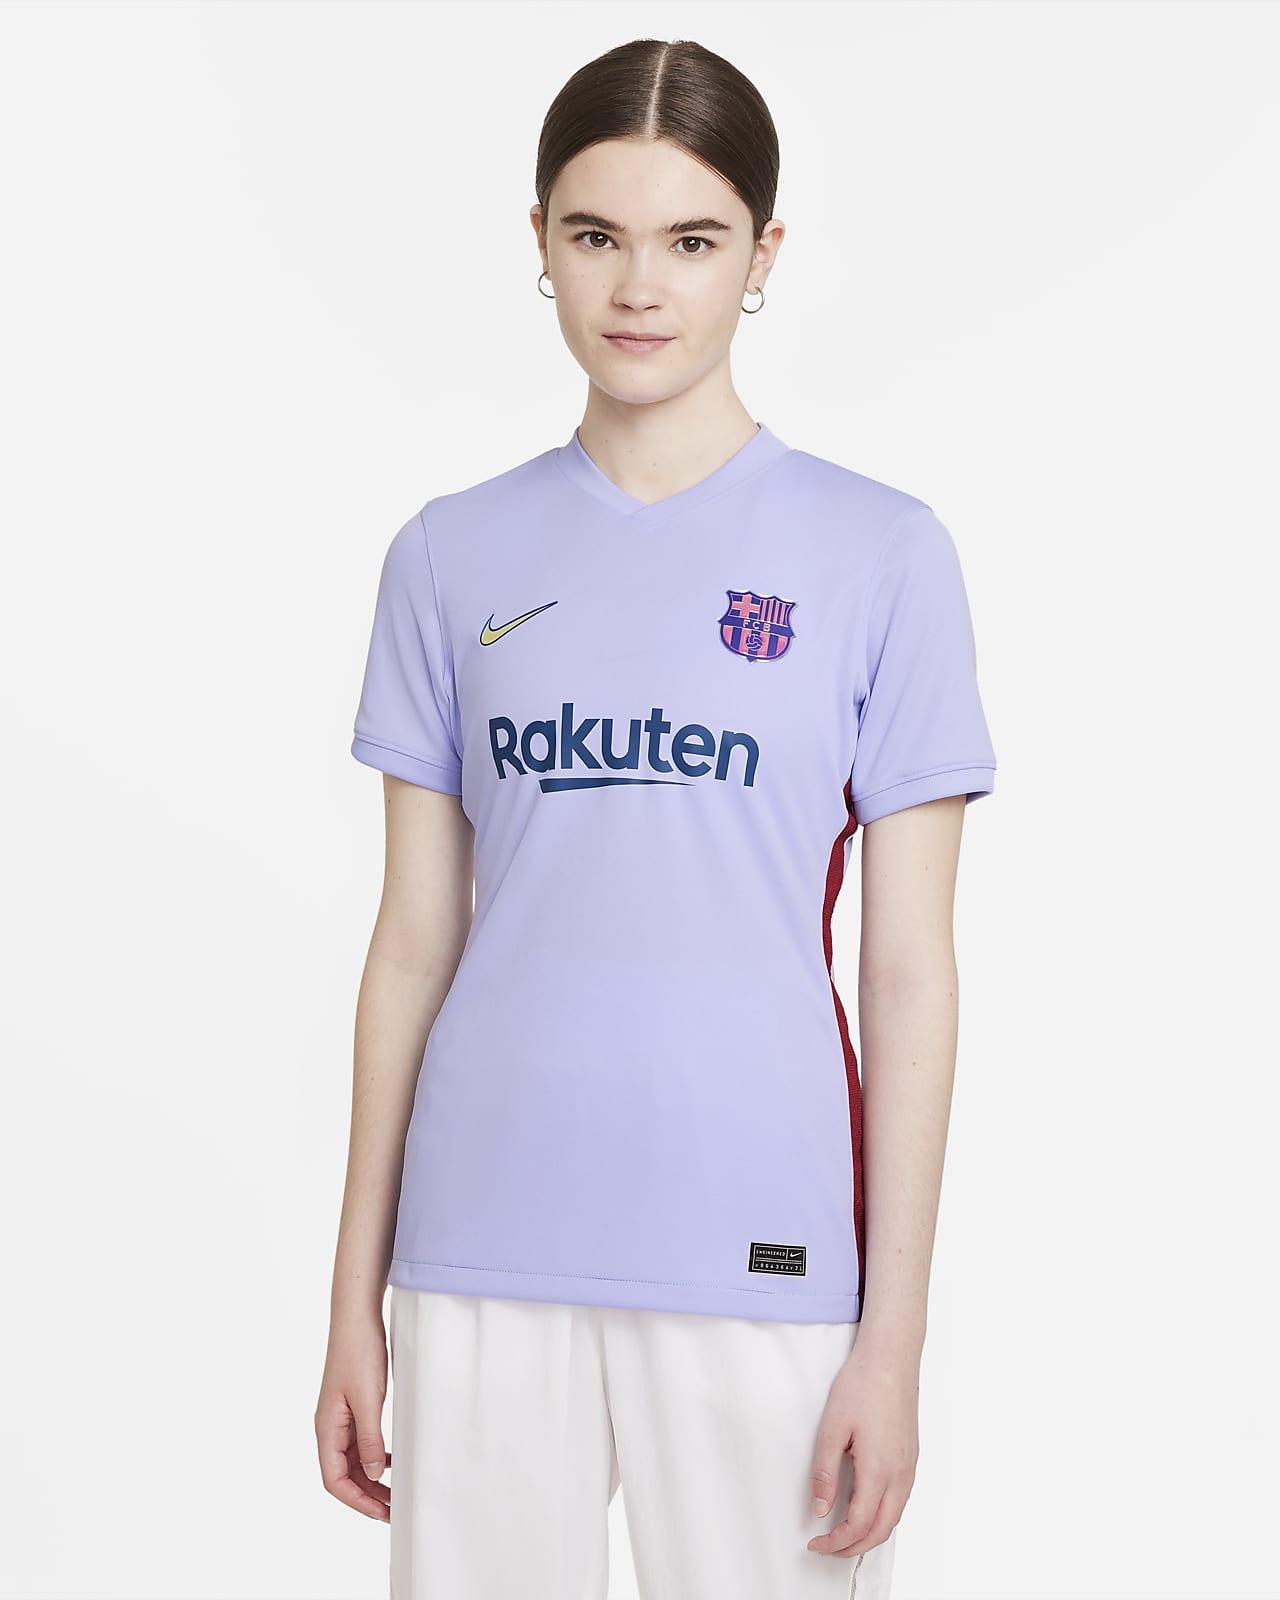 Camiseta de fútbol Nike Dri-FIT para mujer FC Barcelona visitante 2021/22 Stadium